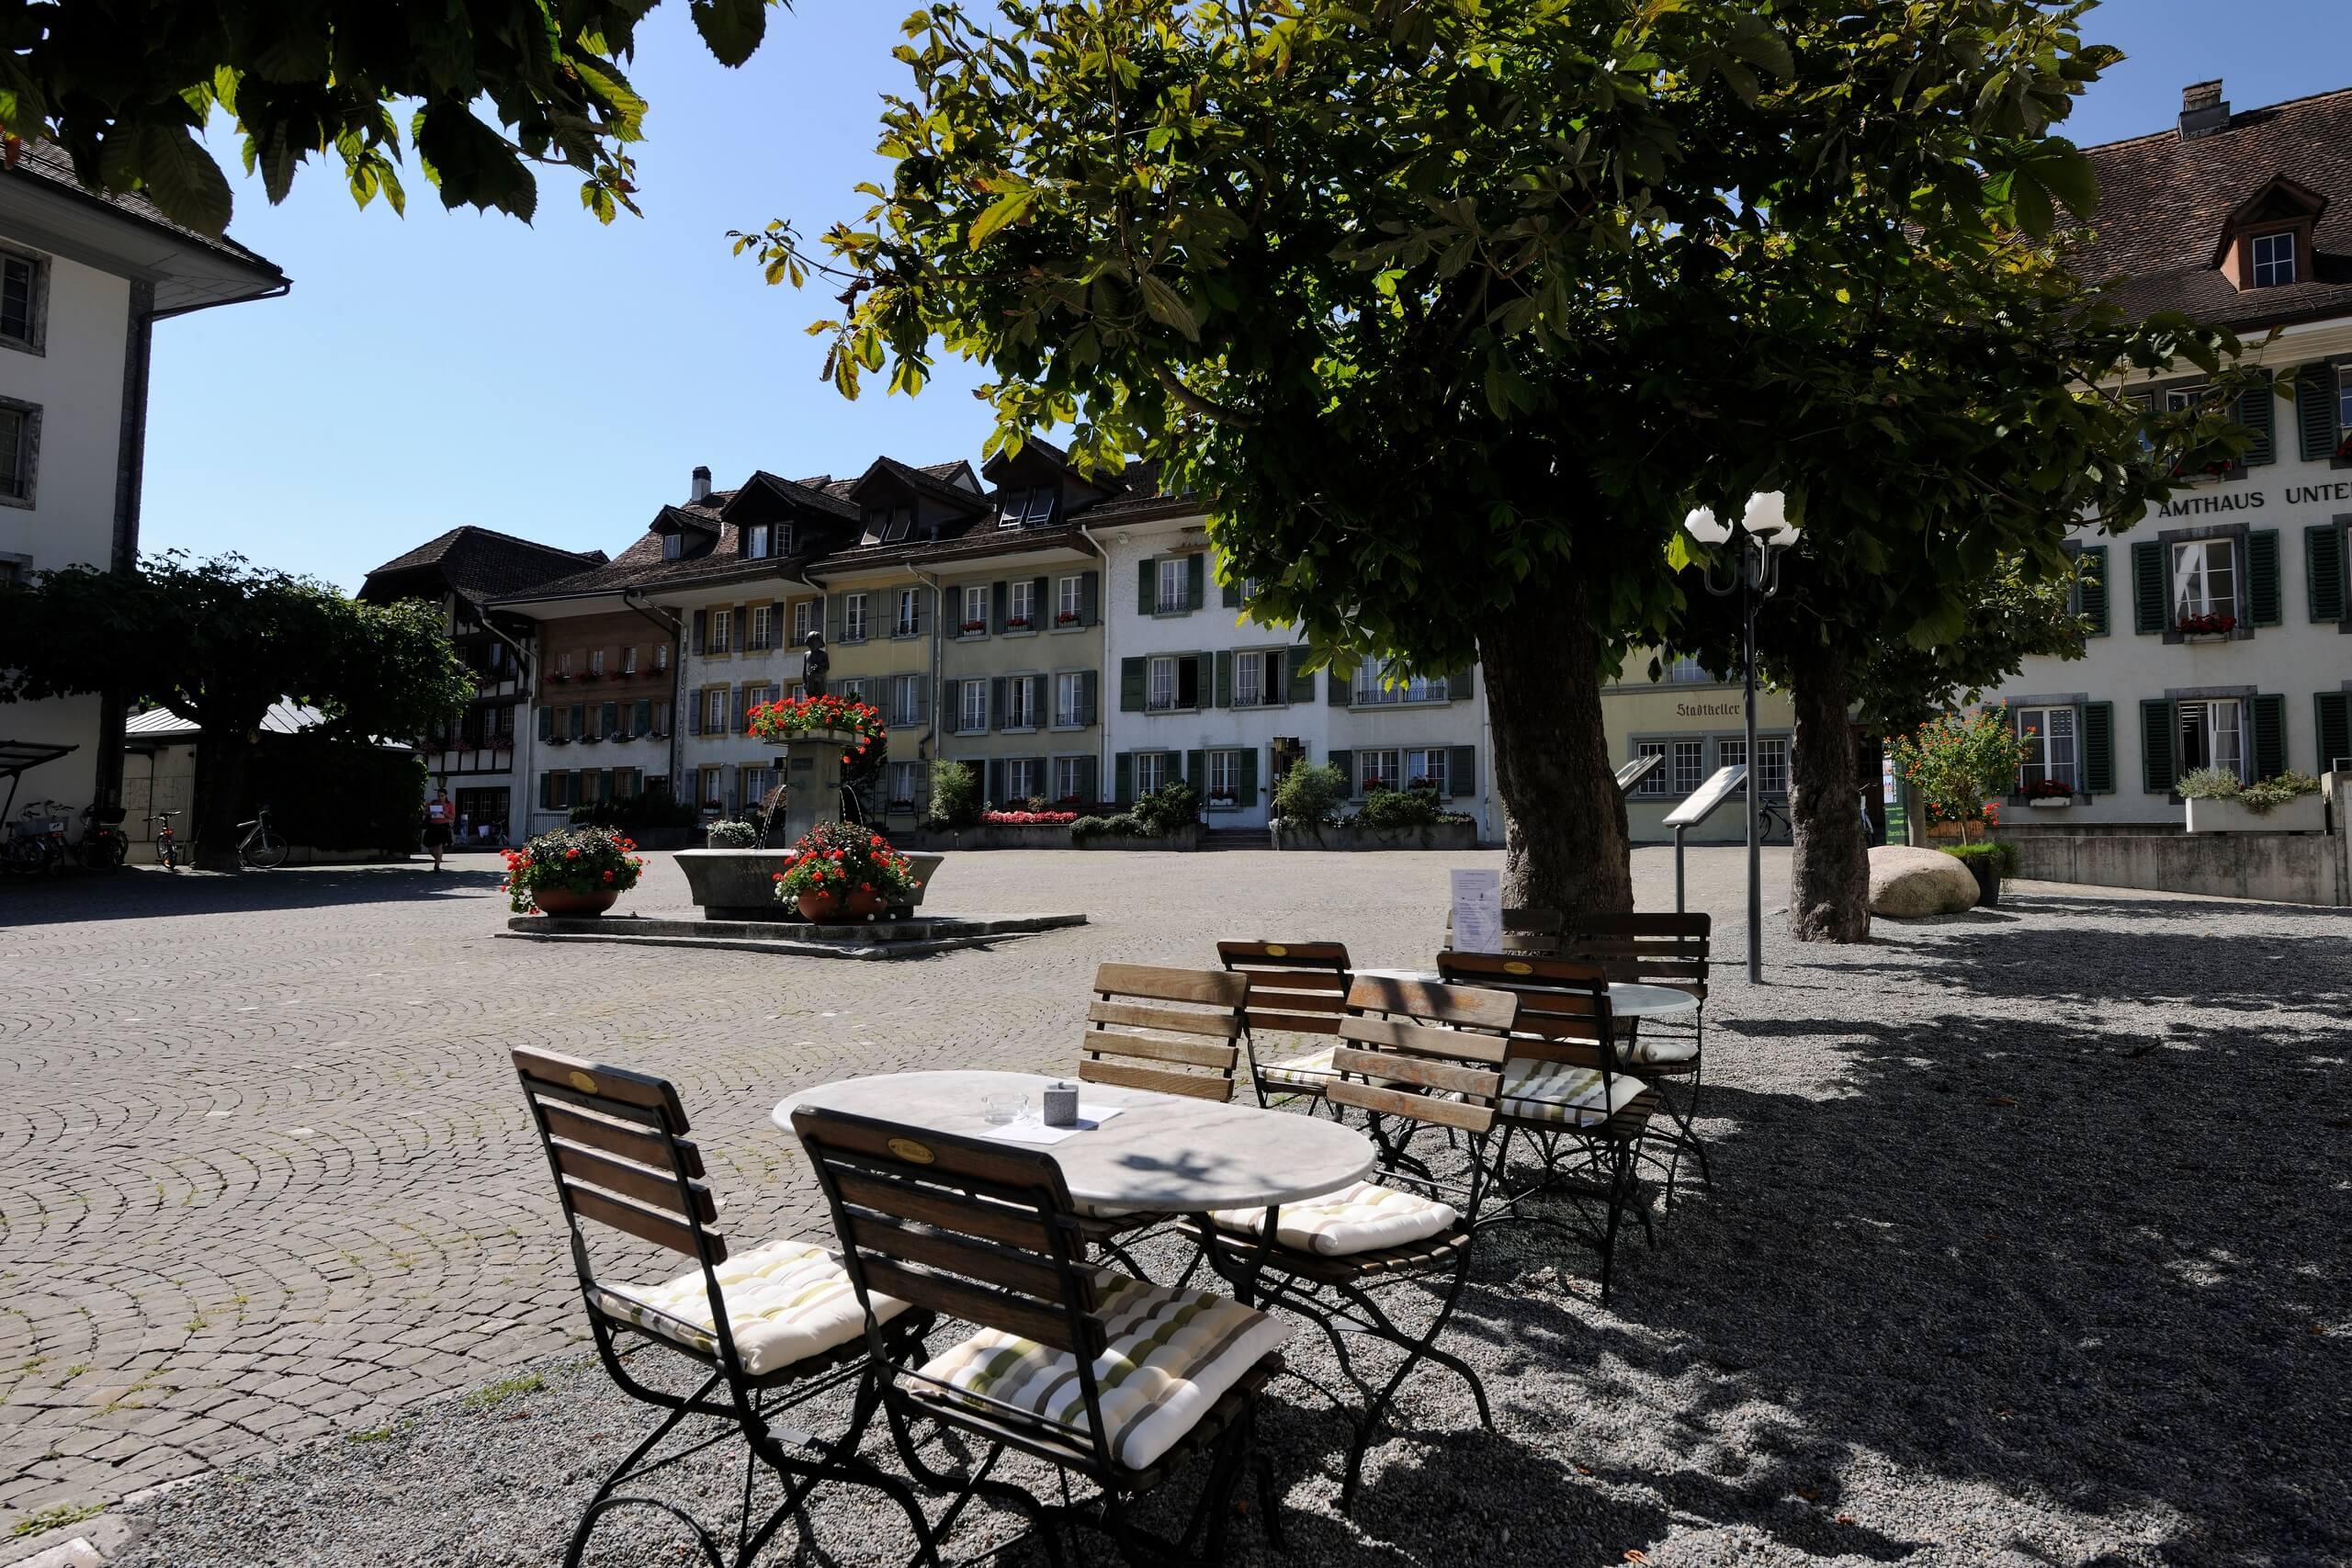 unterseen-altstadt-restaurant-sommer-stadthausplatz